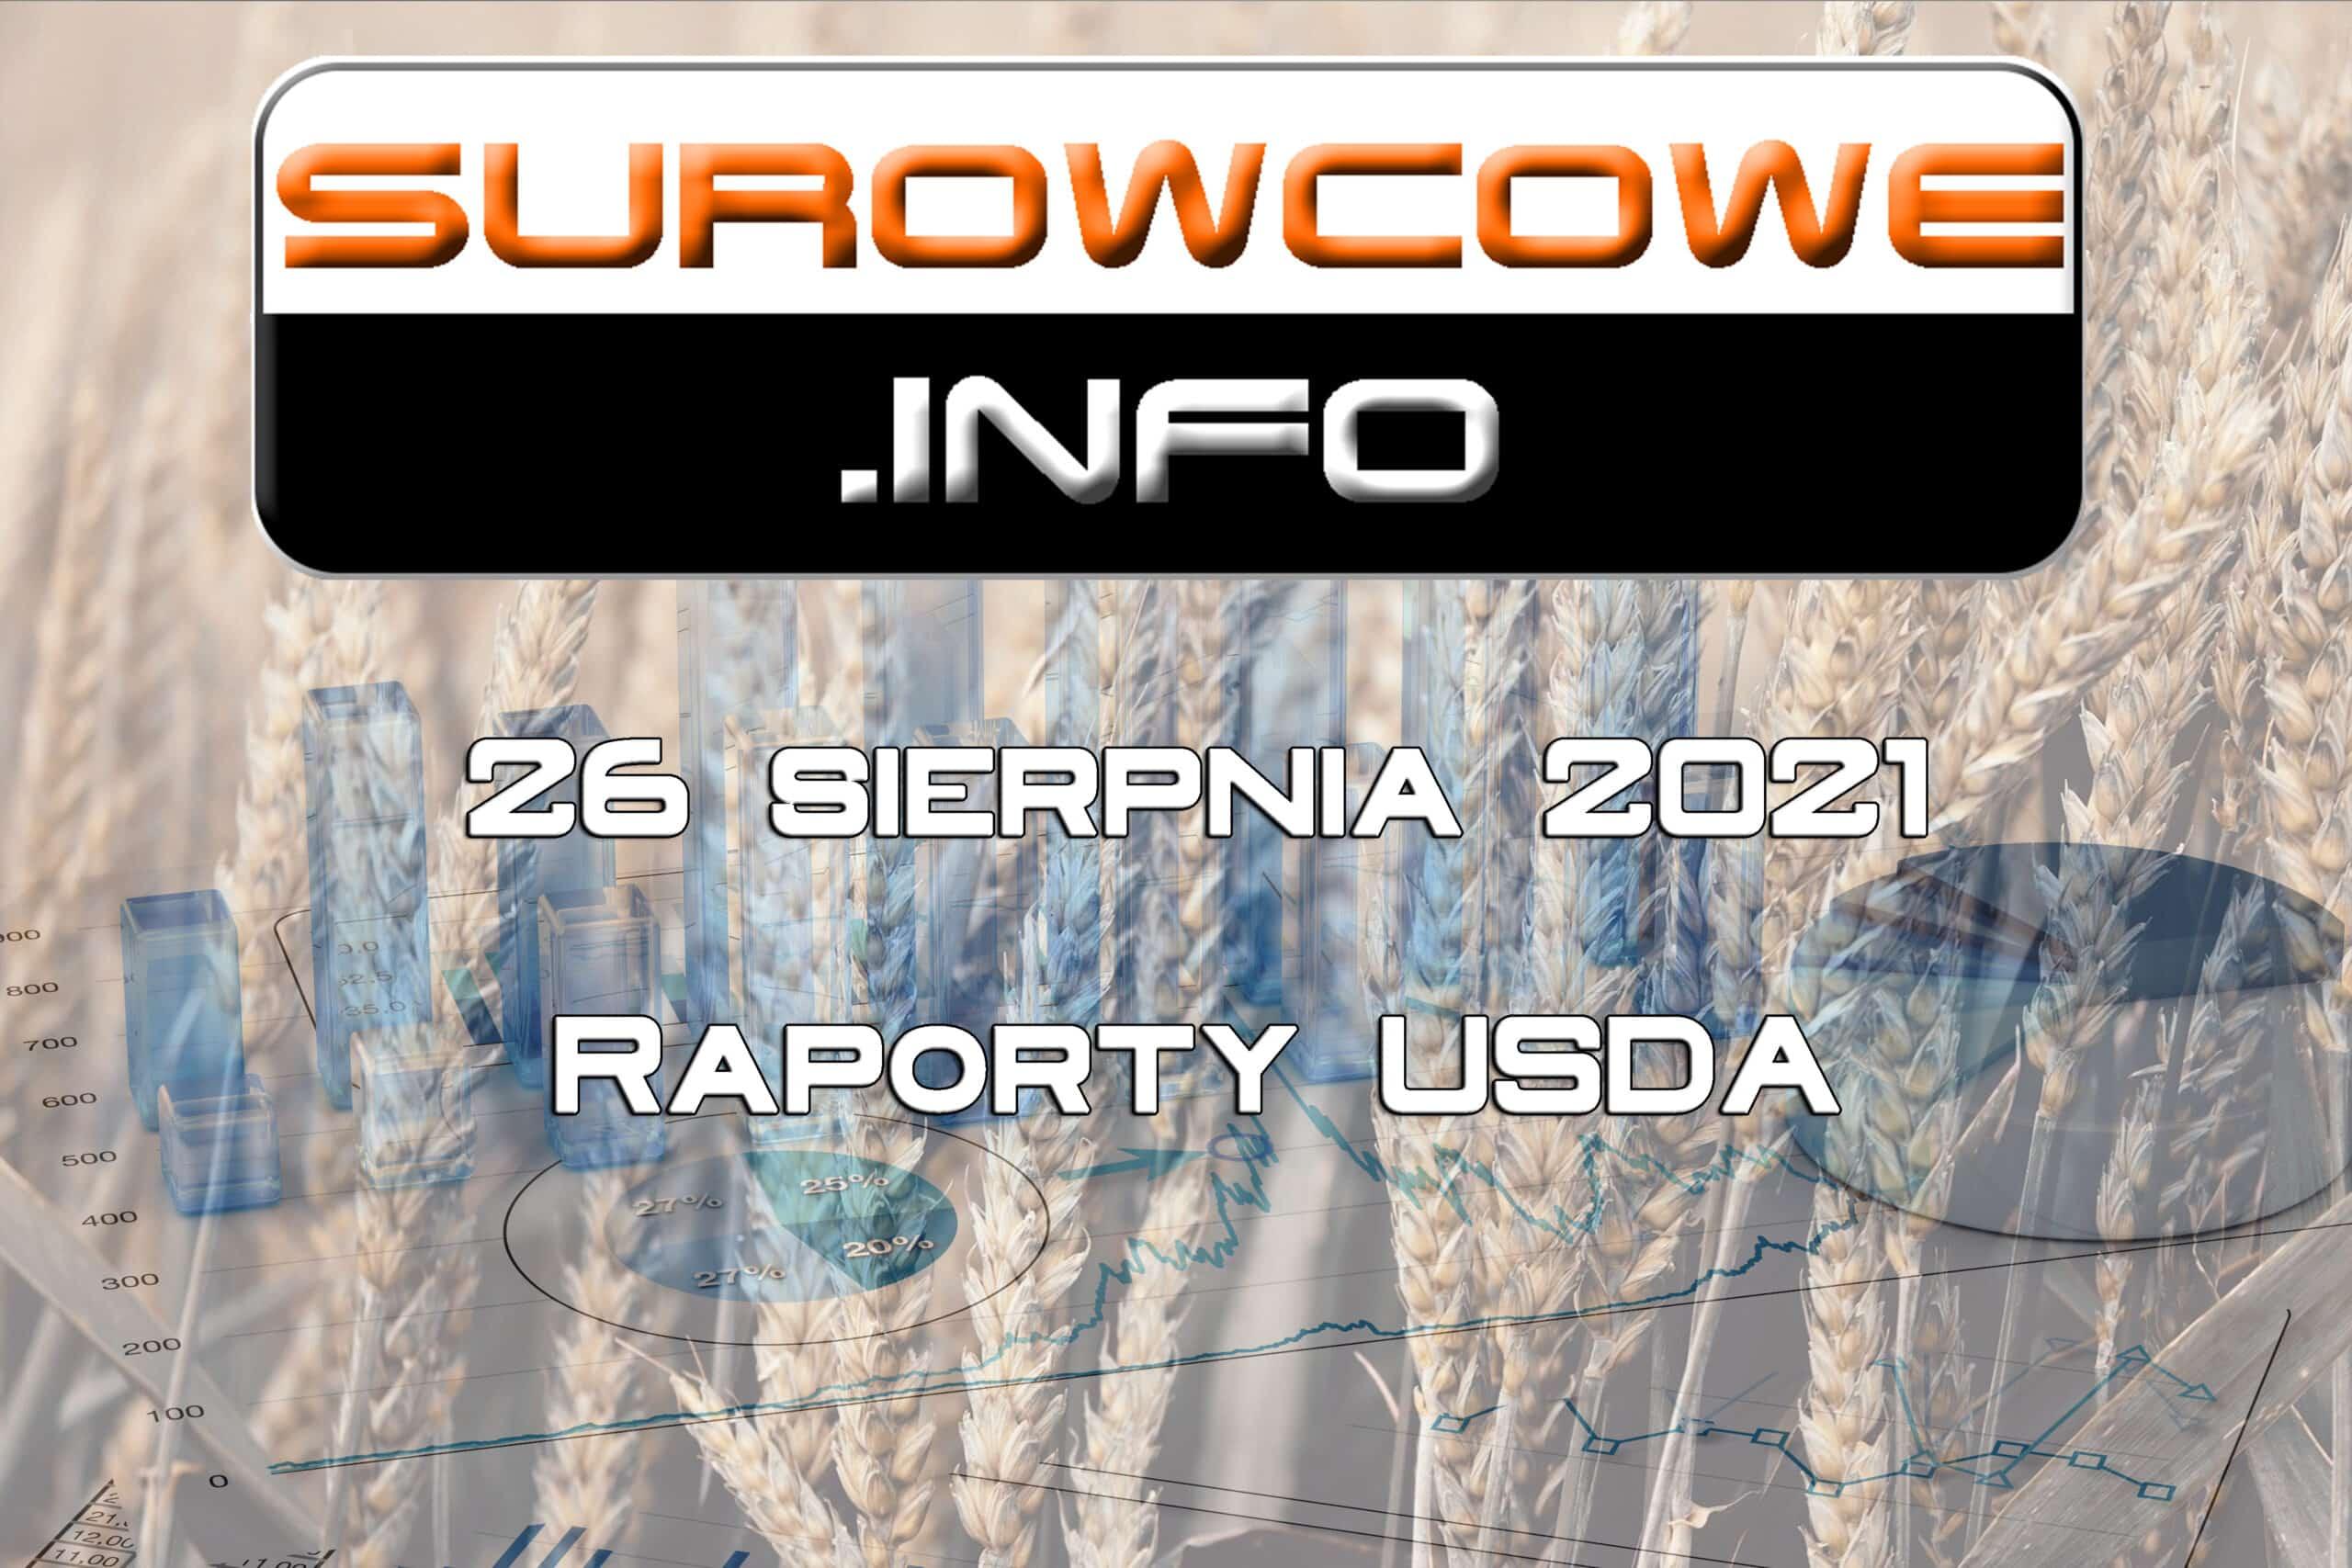 raporty USDA - 26 sierpnia 2021